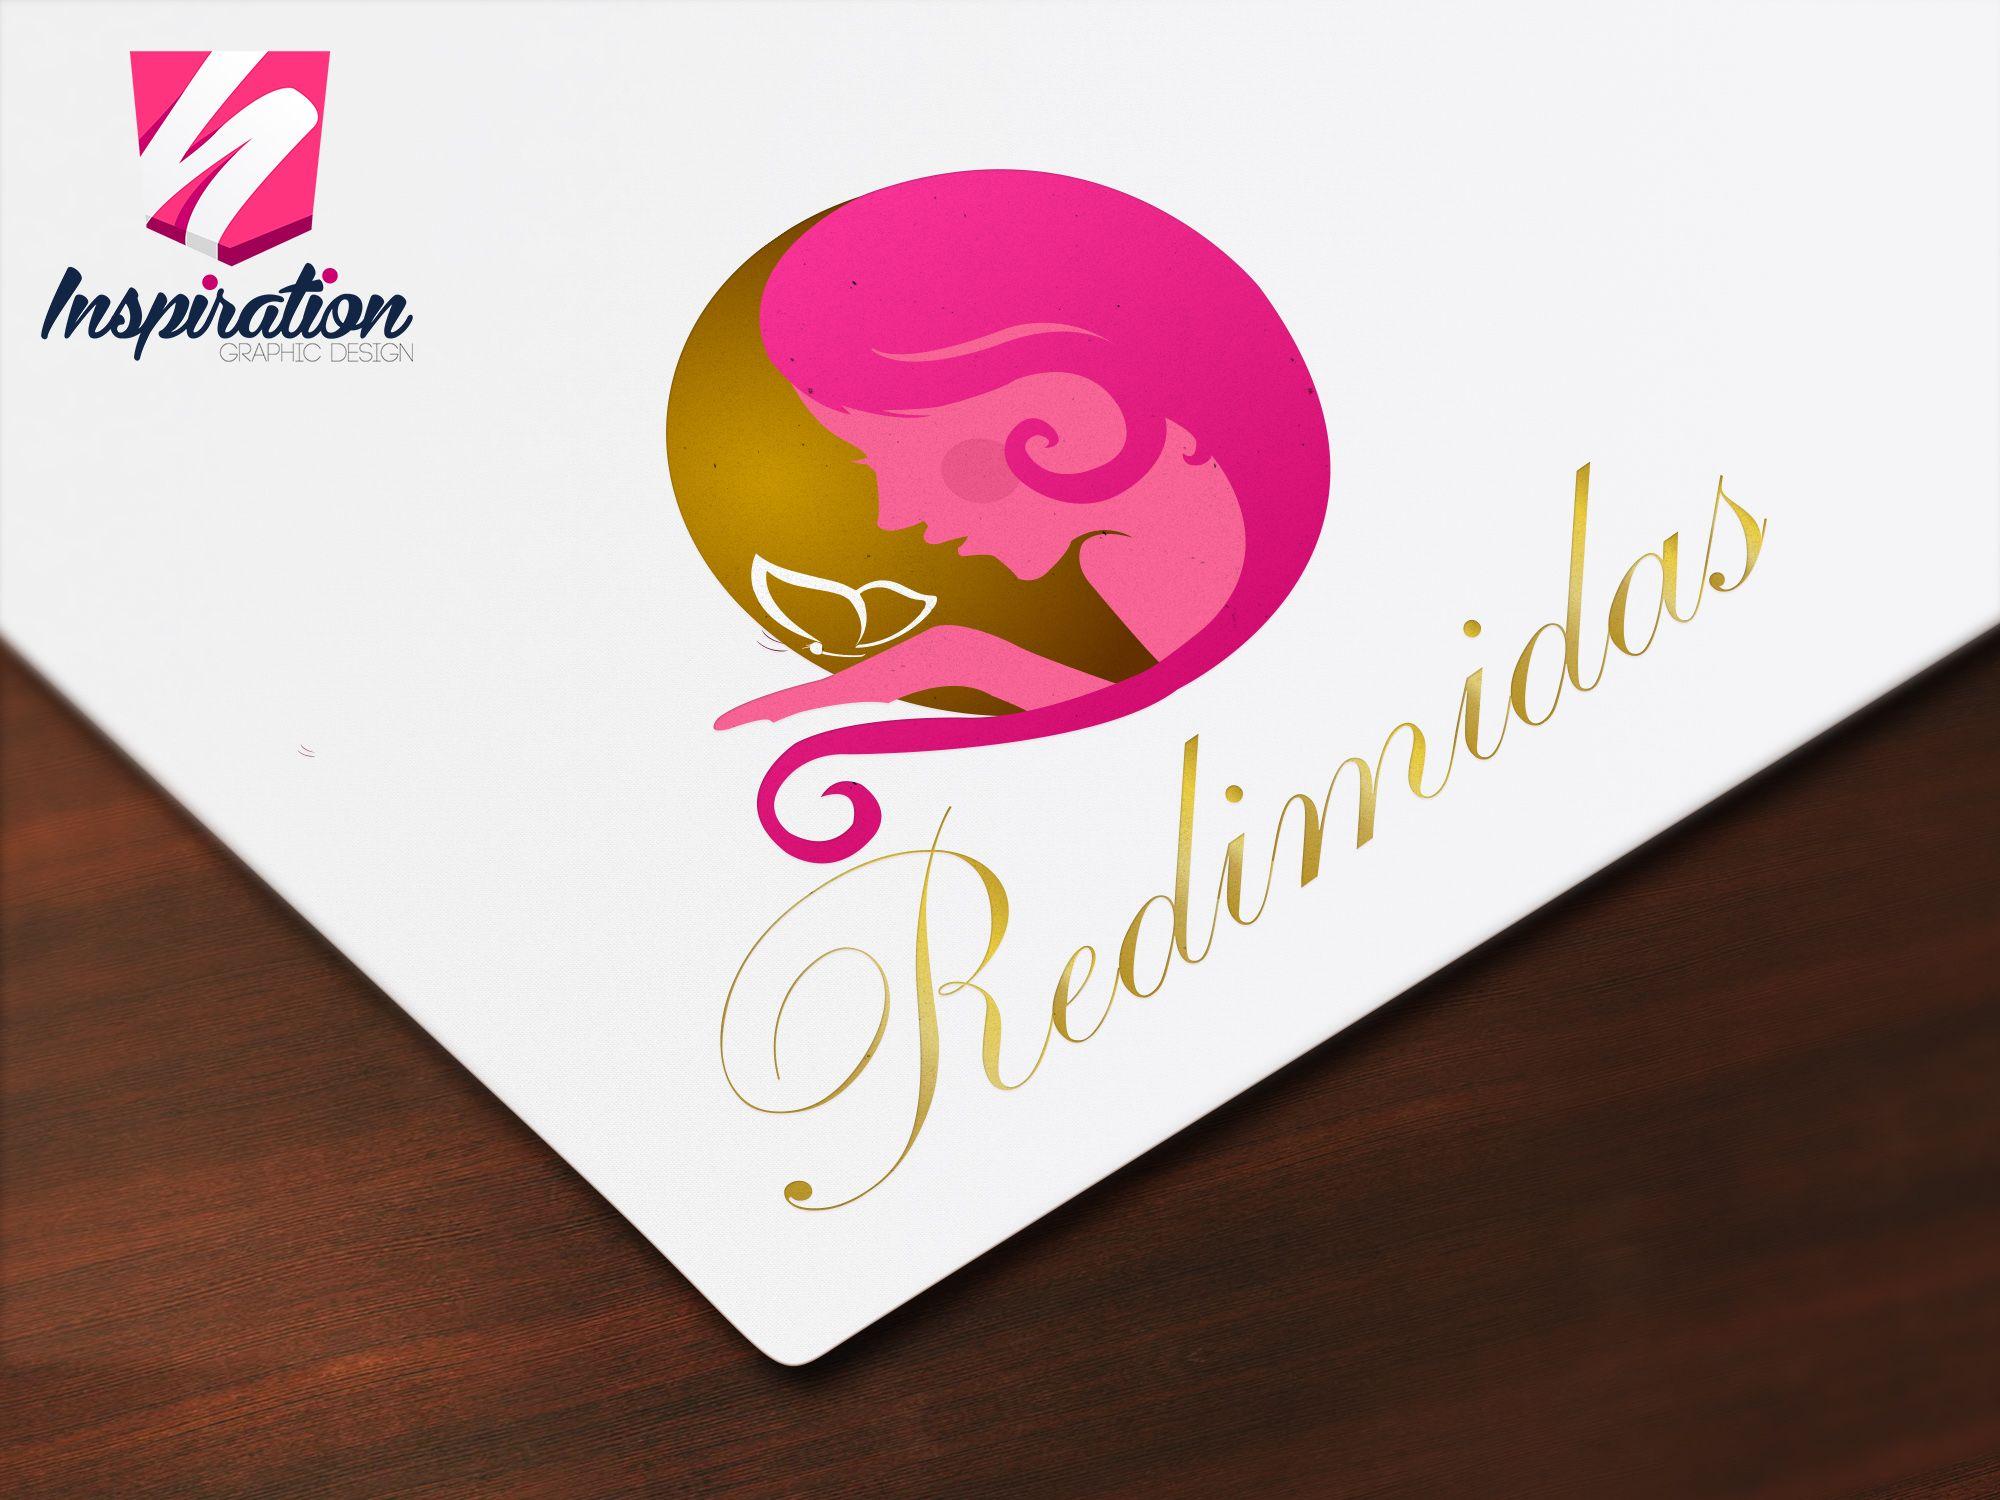 Creación de logotipo para ministerio de jóvenes de iglesia.